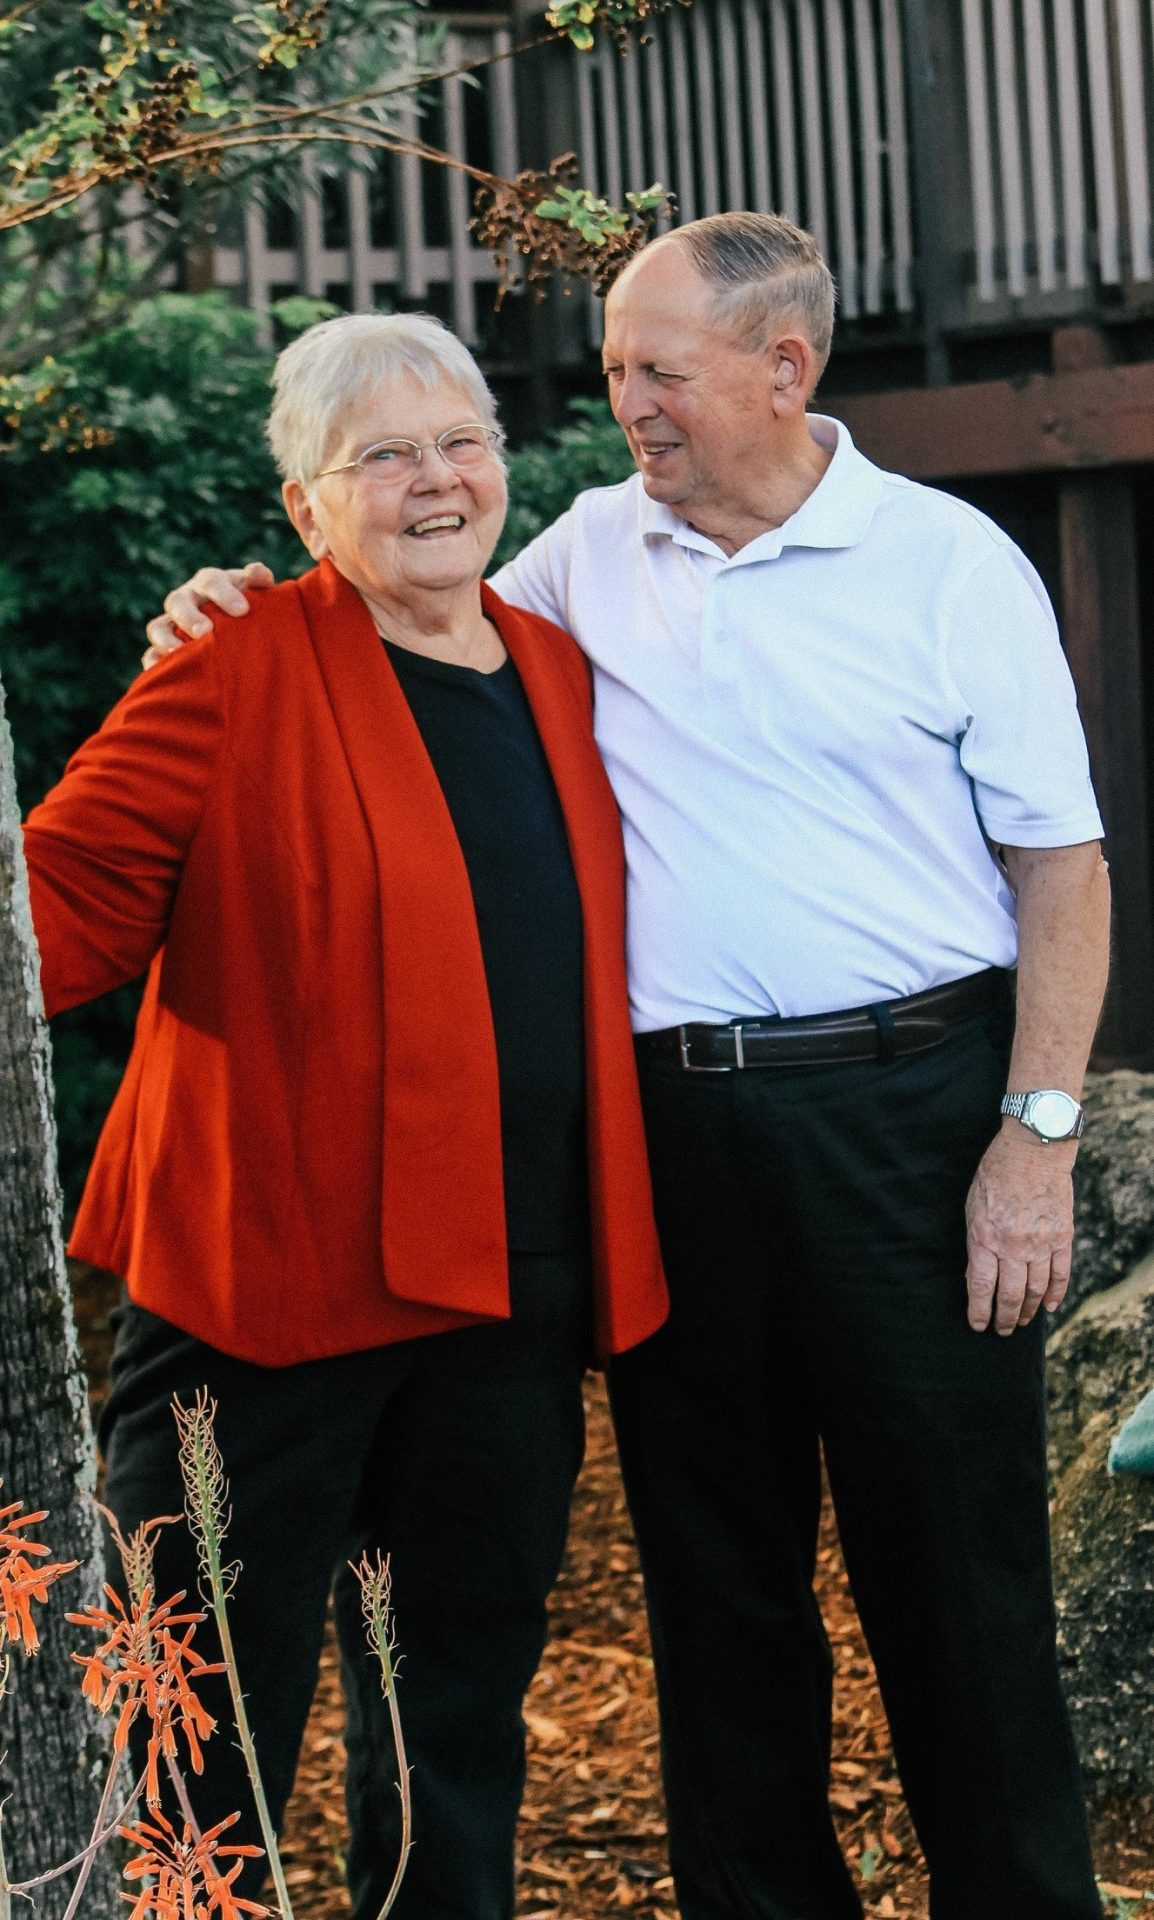 Neil and Elizabeth together